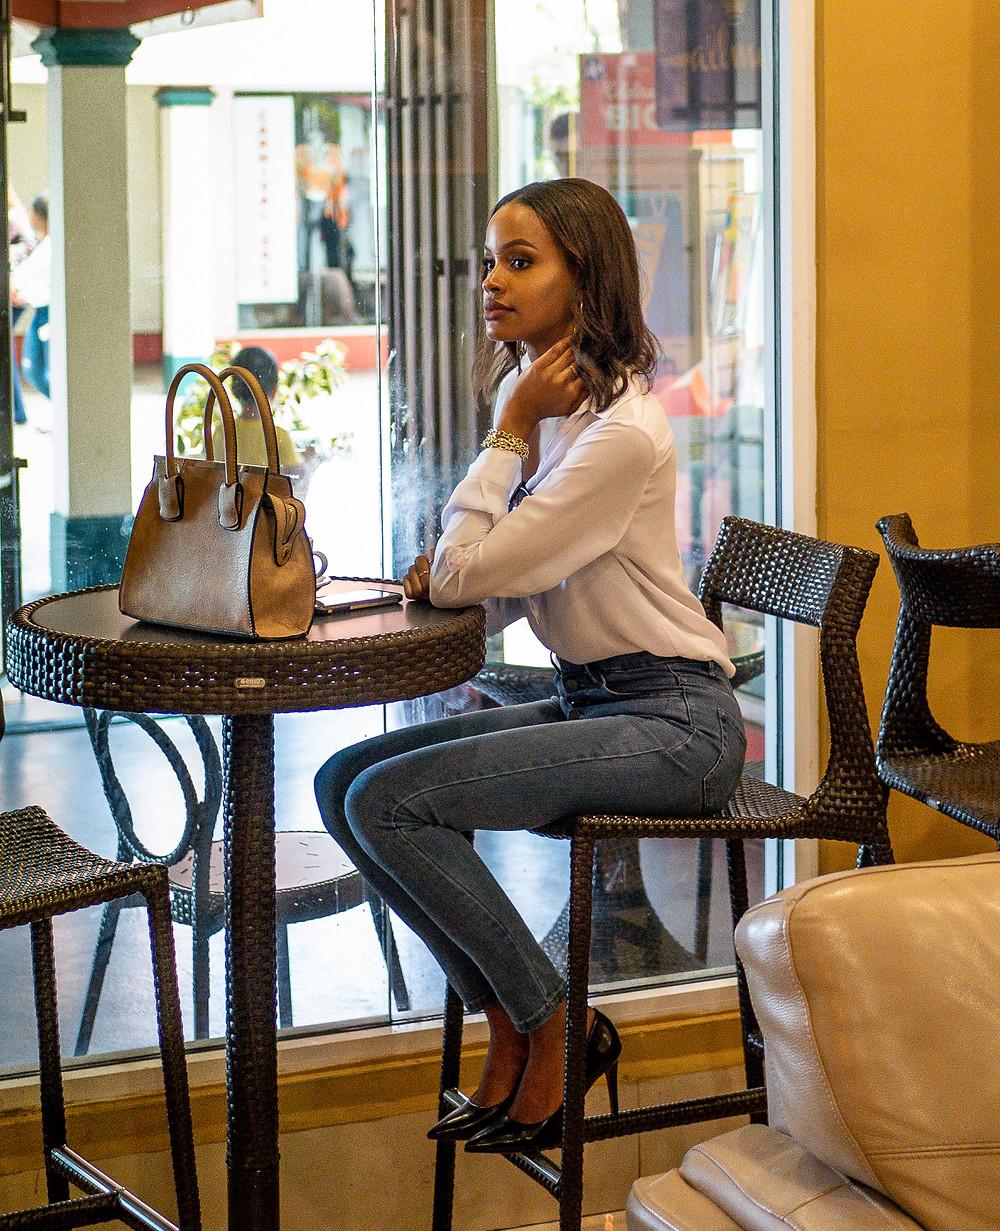 Chantelle Tatyana blog cafe pic